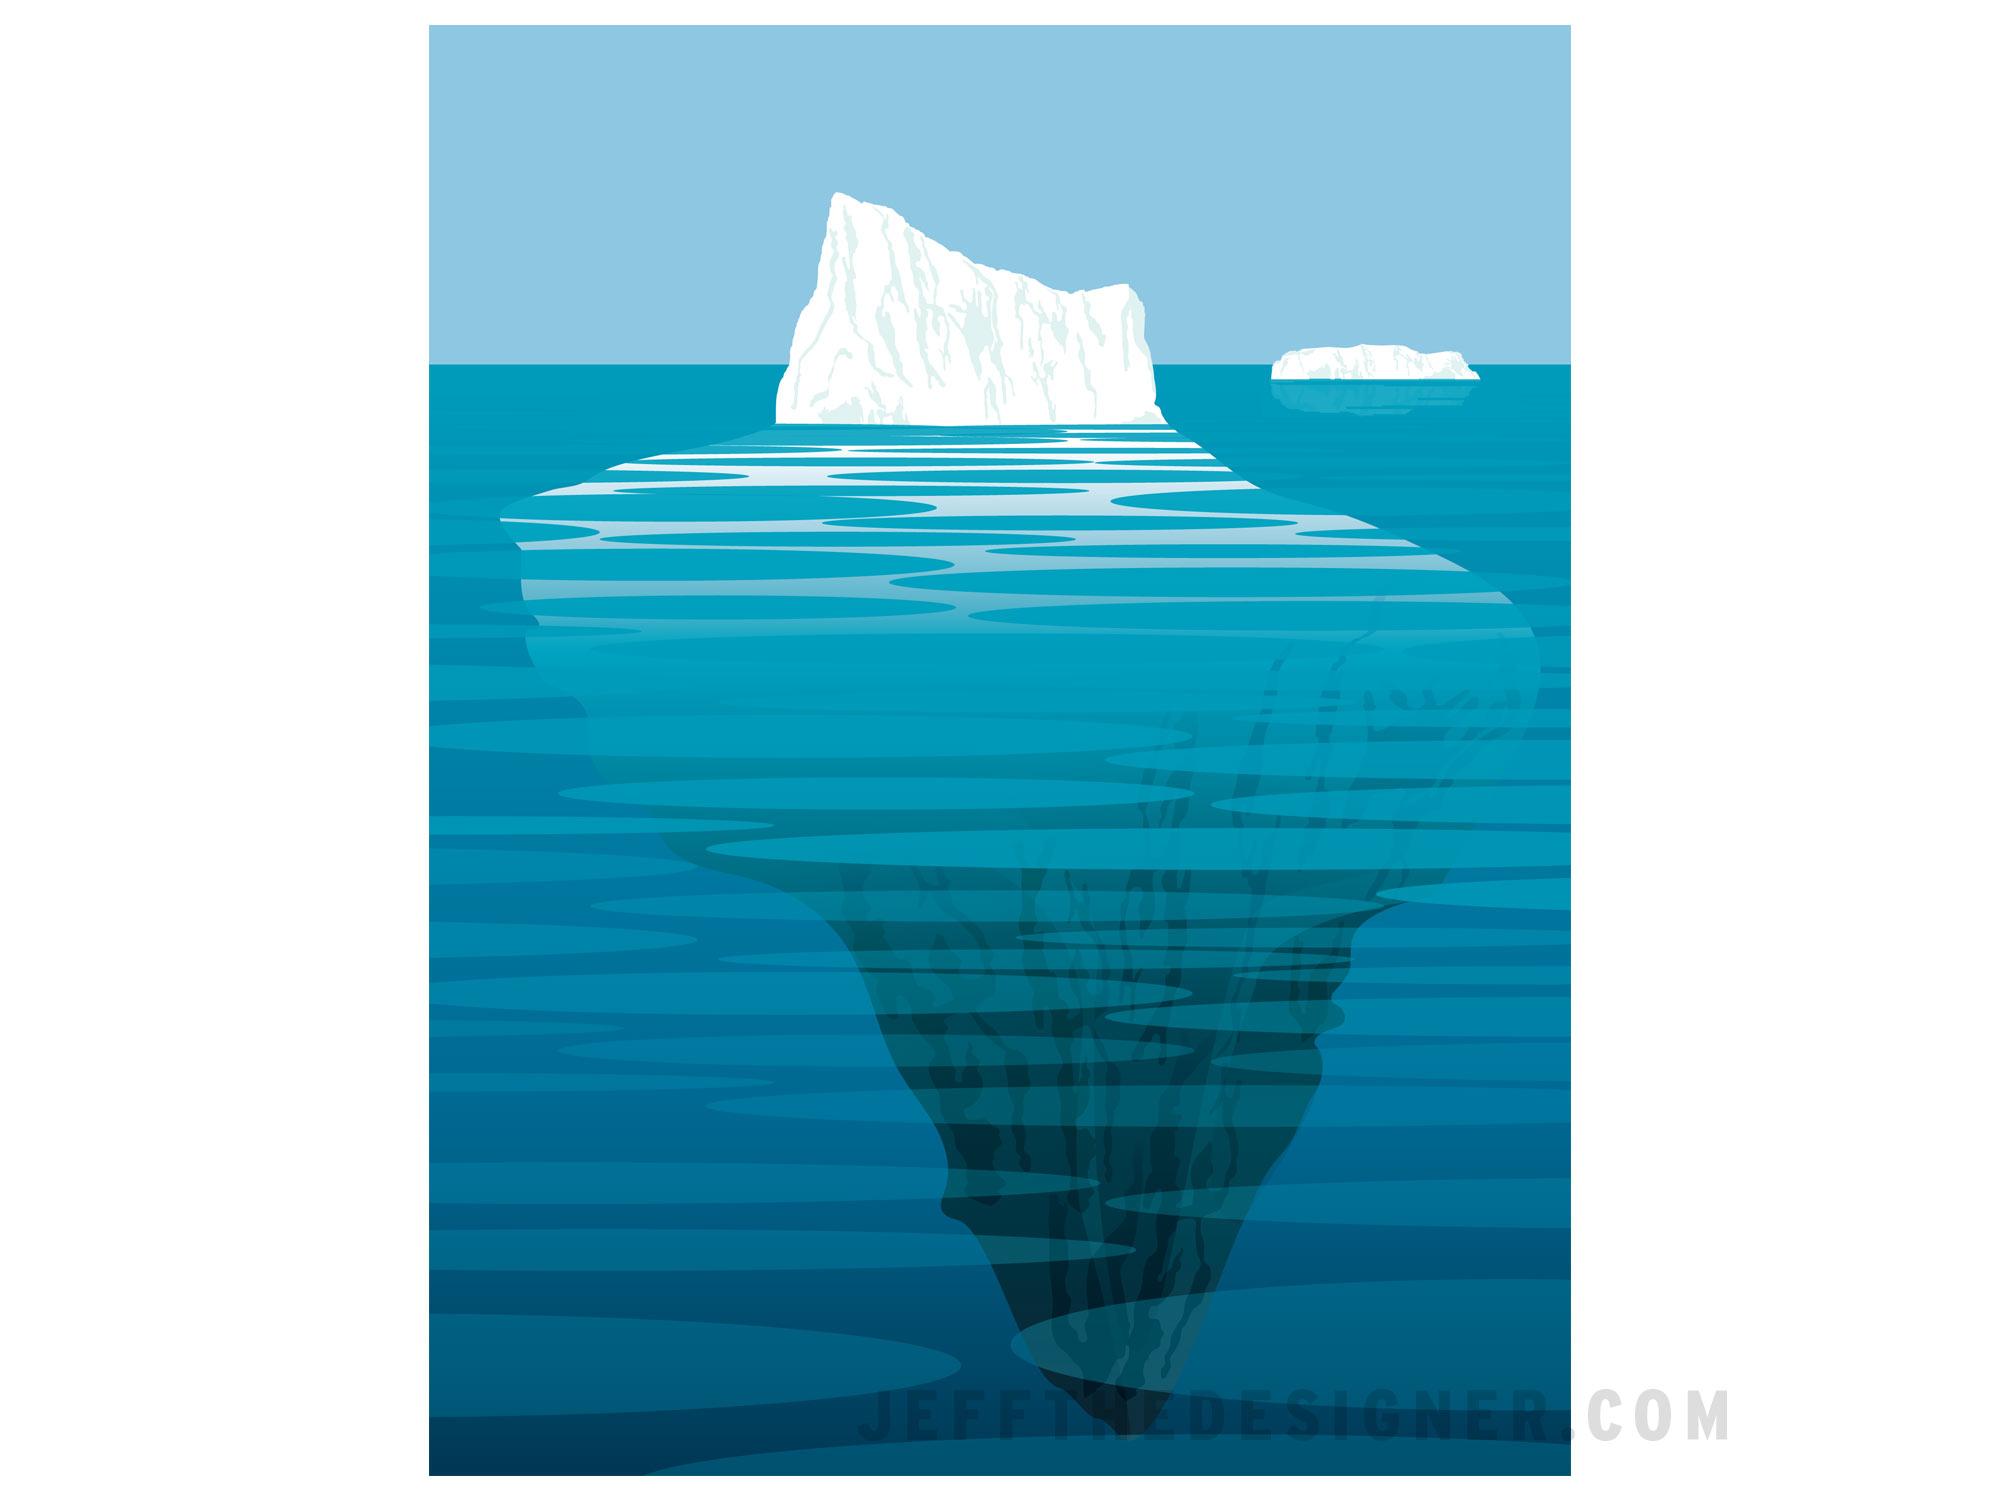 Iceberg Illustration